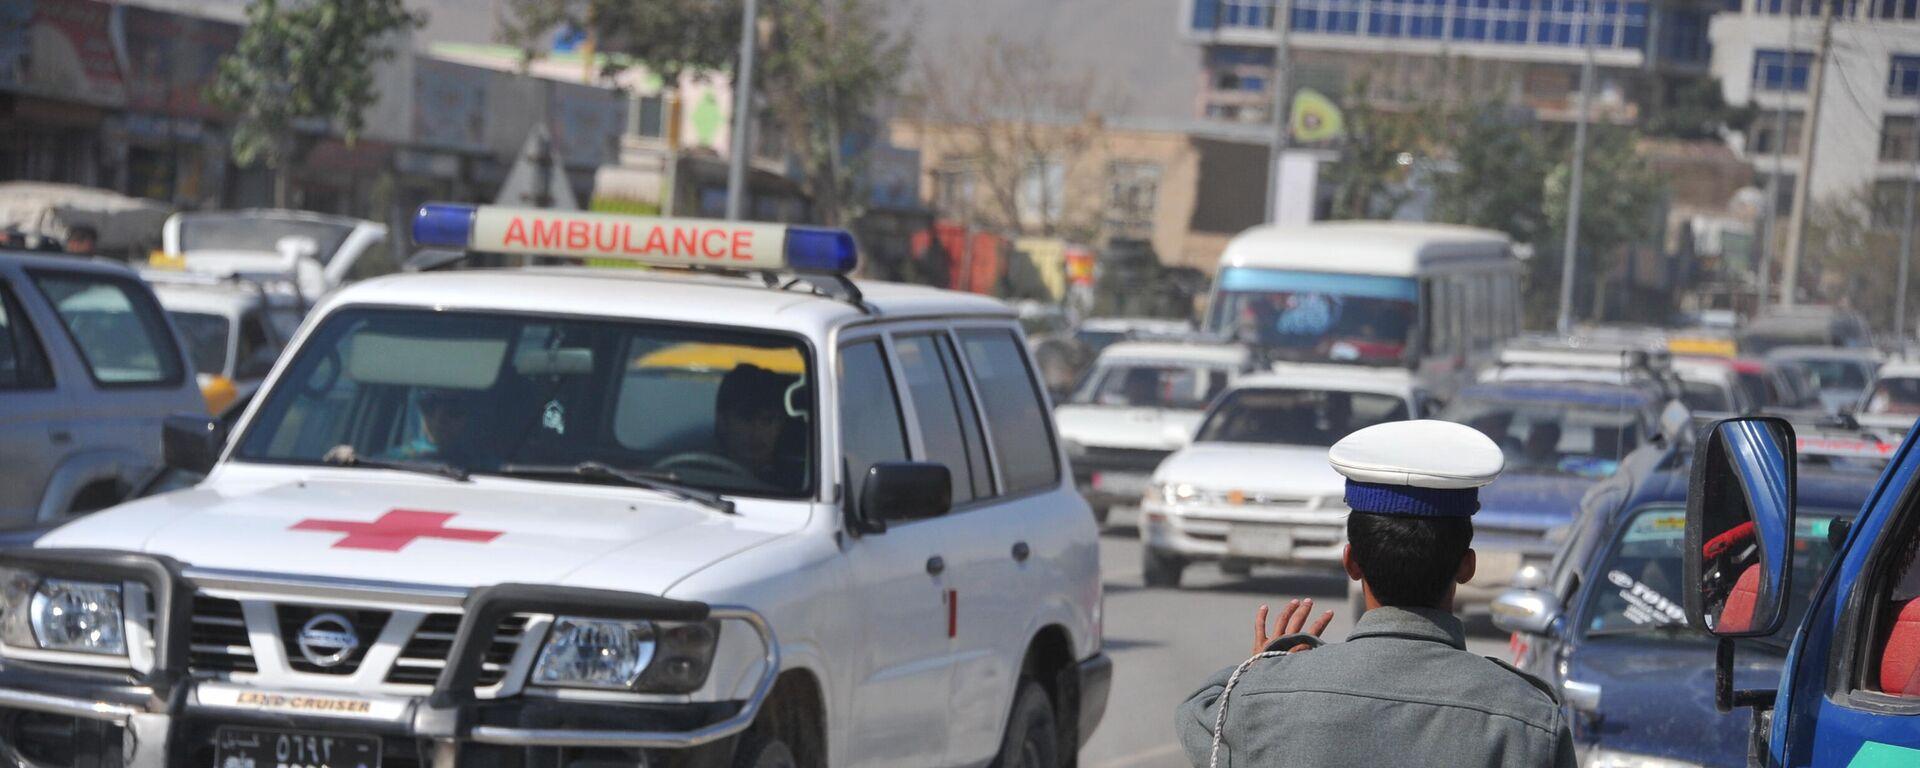 Krankenwagen in Kabul (Archiv) - SNA, 1920, 07.10.2021